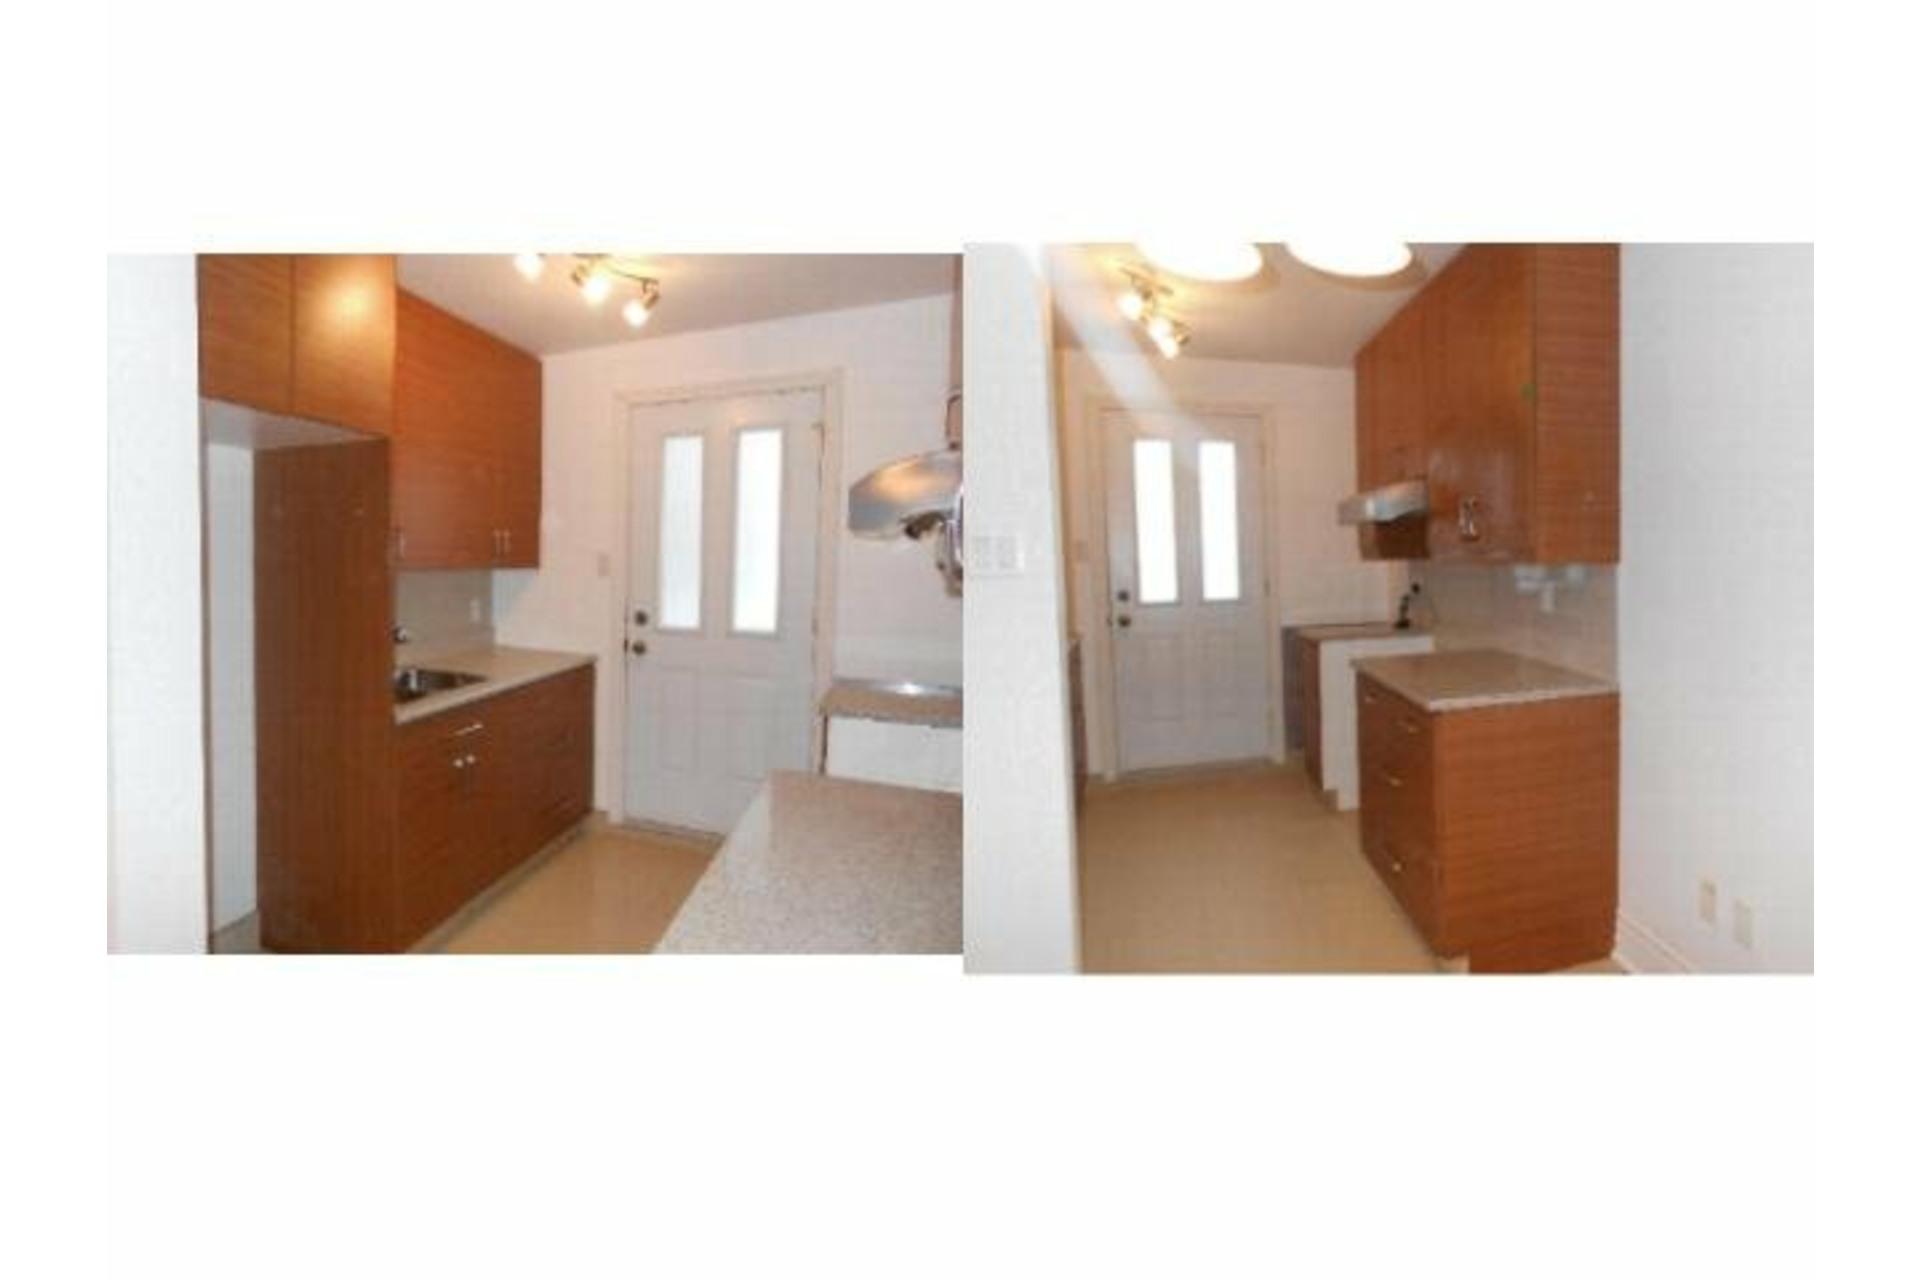 image 5 - Appartement À louer Montréal-Nord Montréal  - 3 pièces